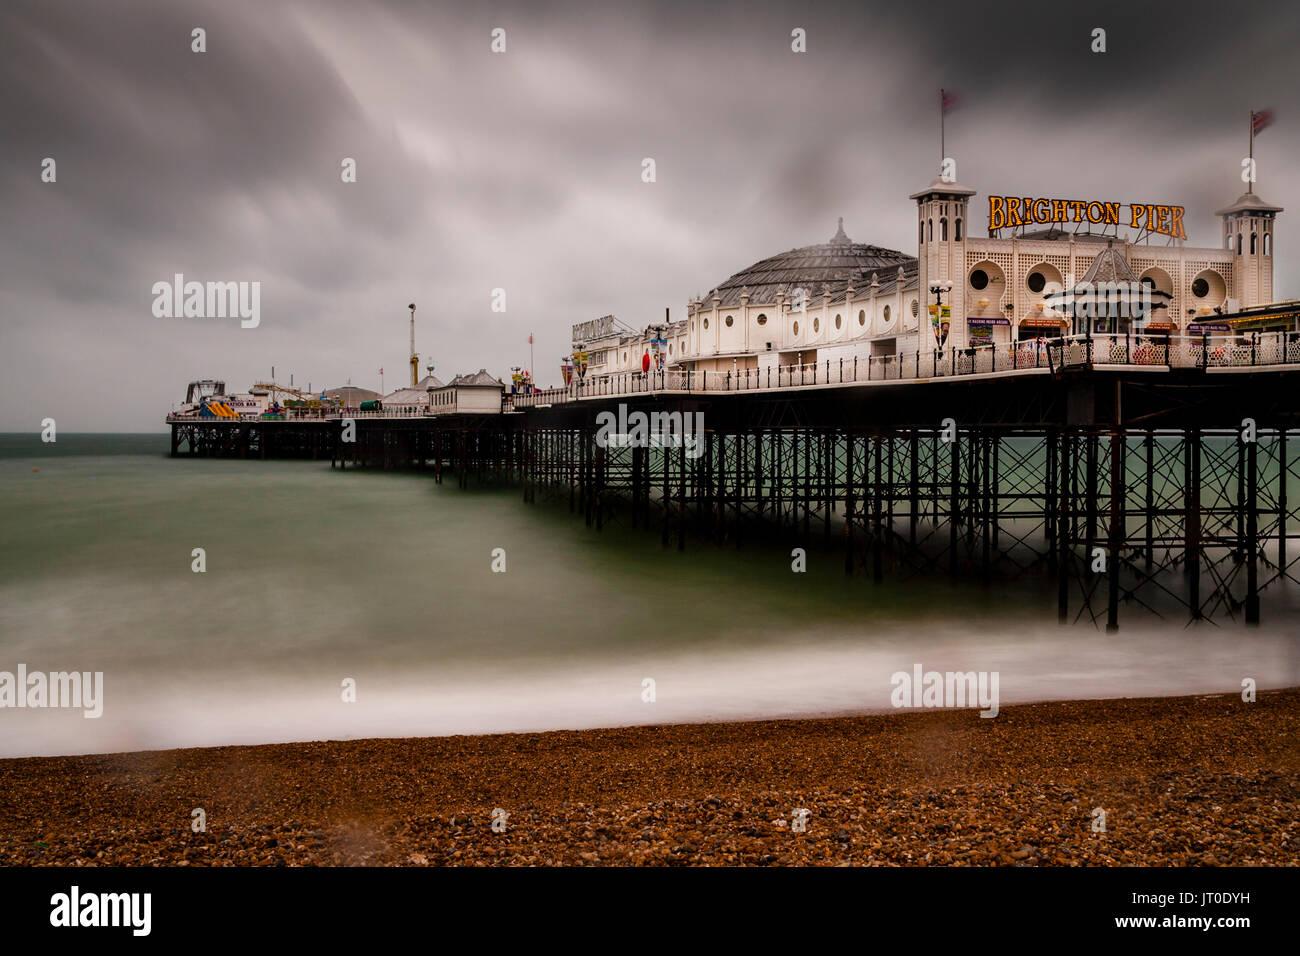 El Palace Pier de Brighton en un día lluvioso, Brighton, Sussex, Reino Unido Imagen De Stock